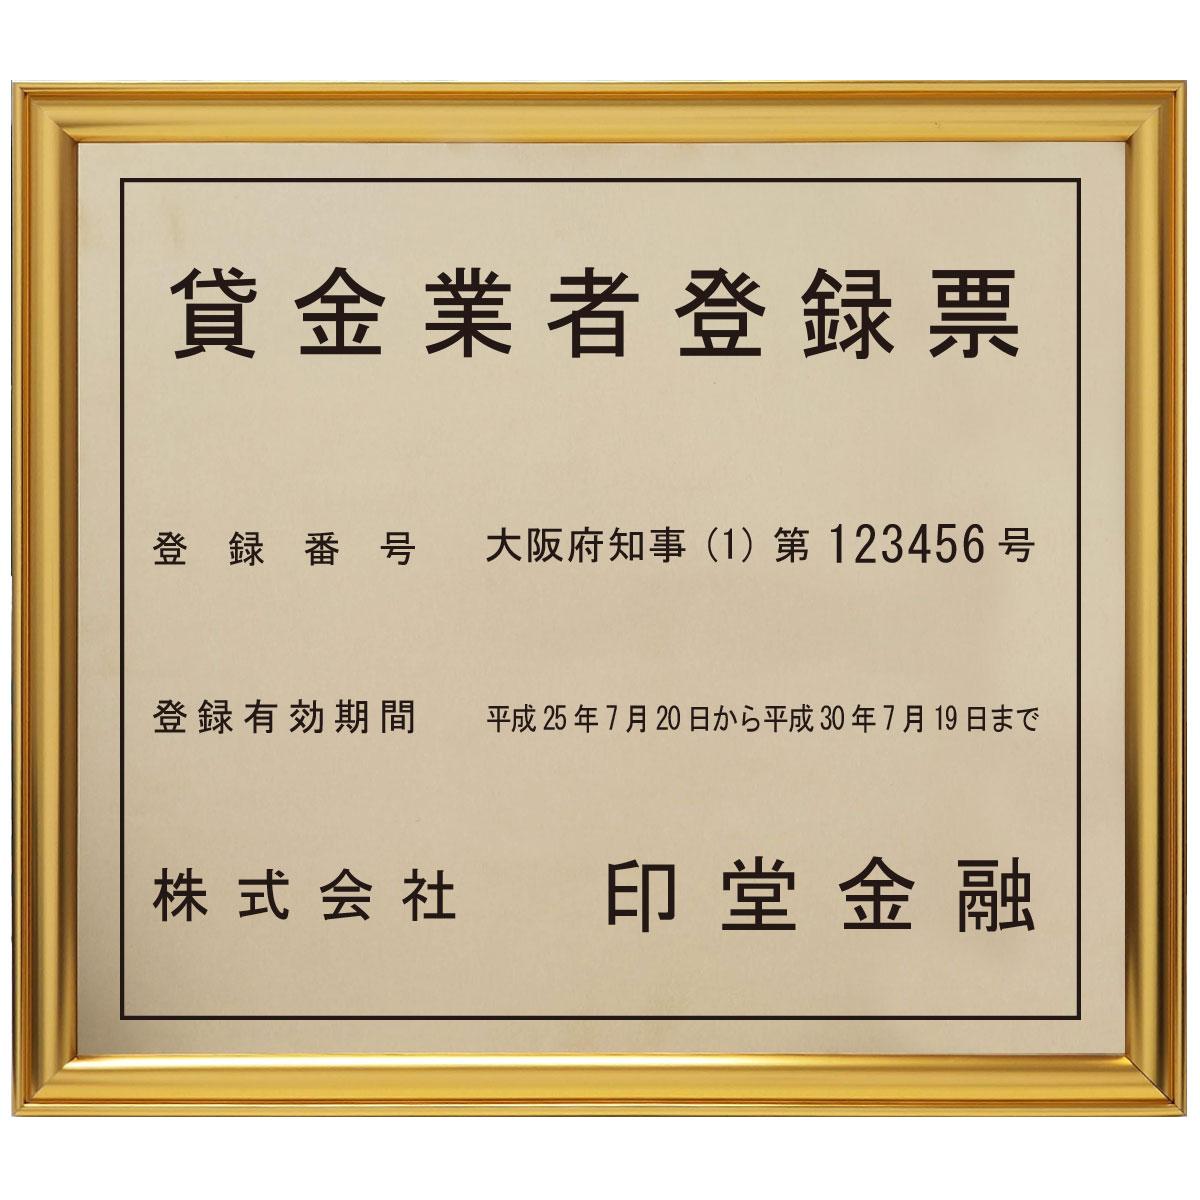 貸金業者登録票真鍮(C2801)製プレミアムゴールド/ 店舗 事務所用看板 文字入れ 名入れ 別注品 特注品 看板 法定看板 許可票 建設業の許可票